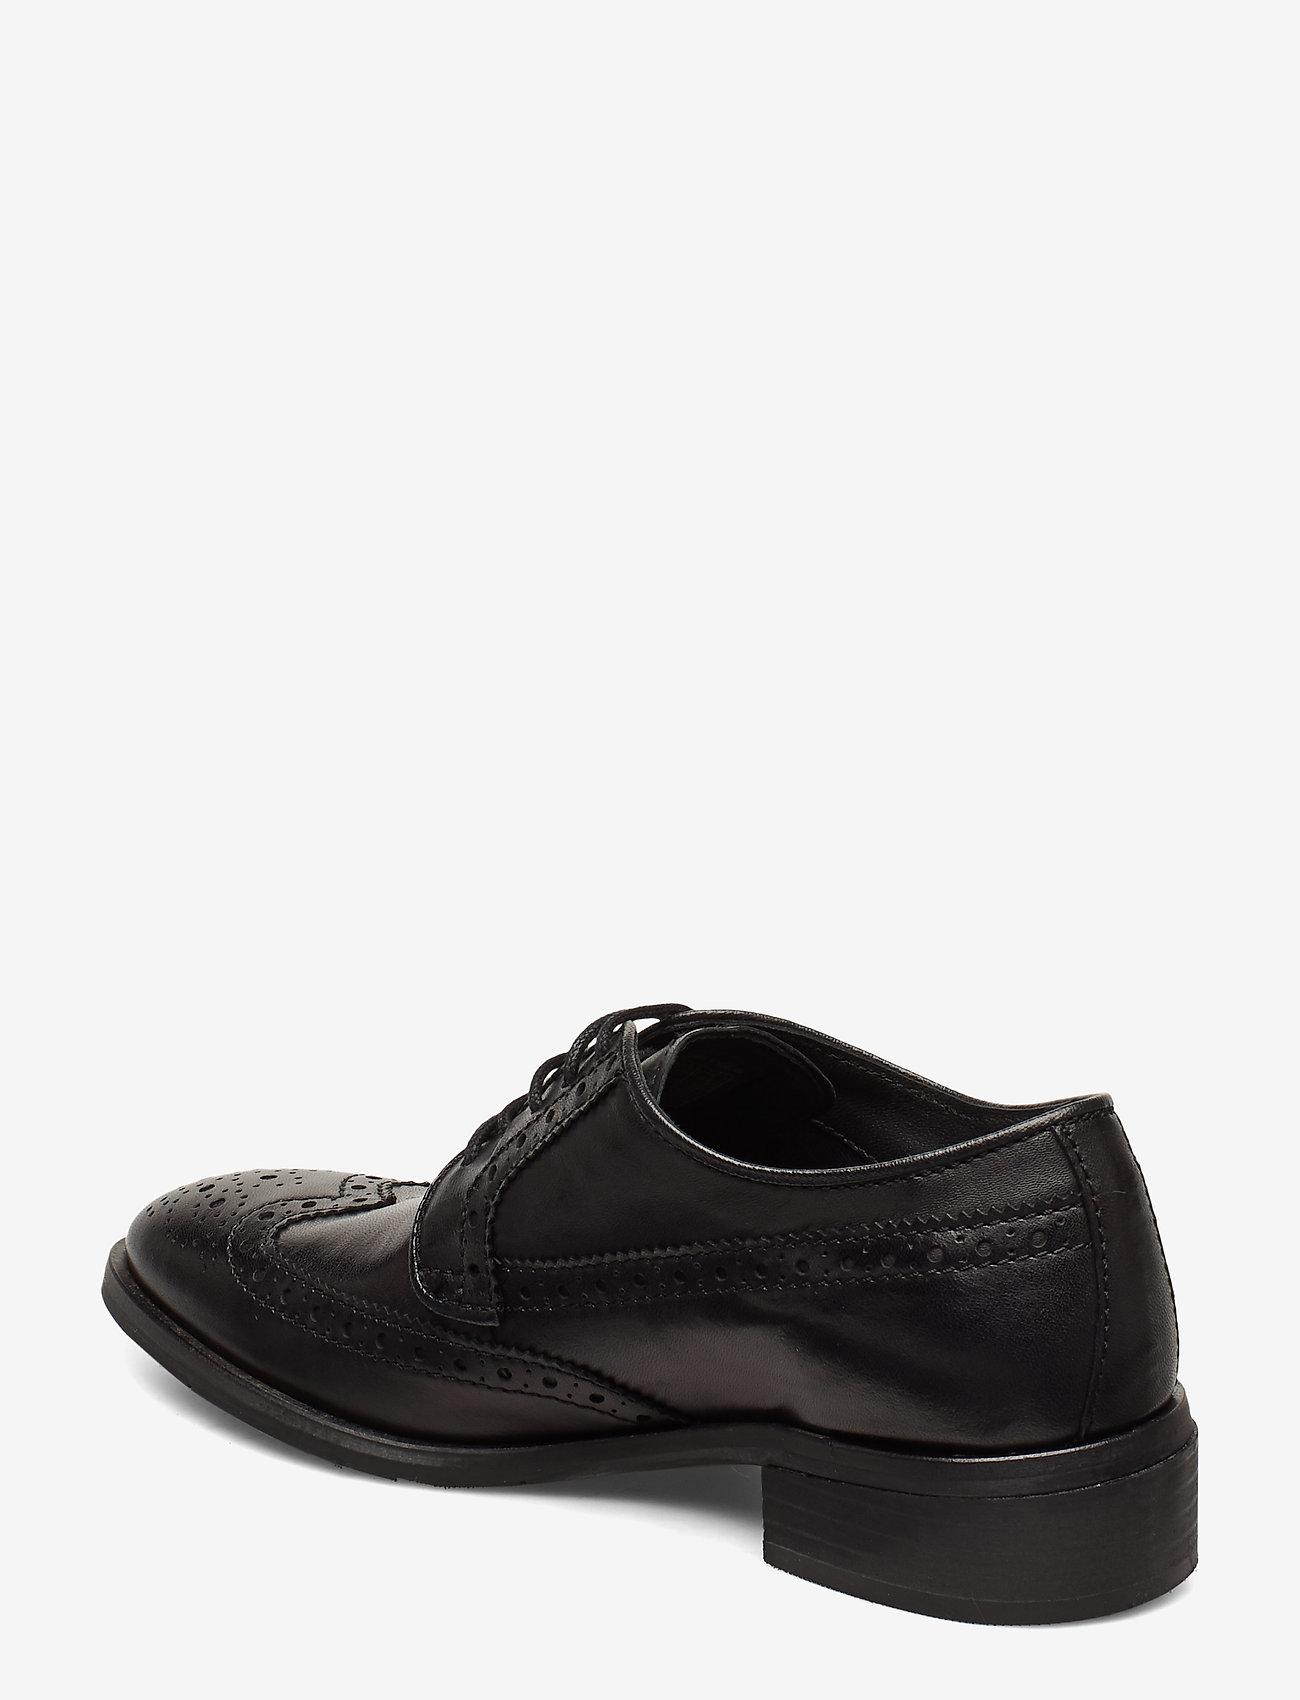 Mono Color Flat Shoes (Black) - Tommy Hilfiger